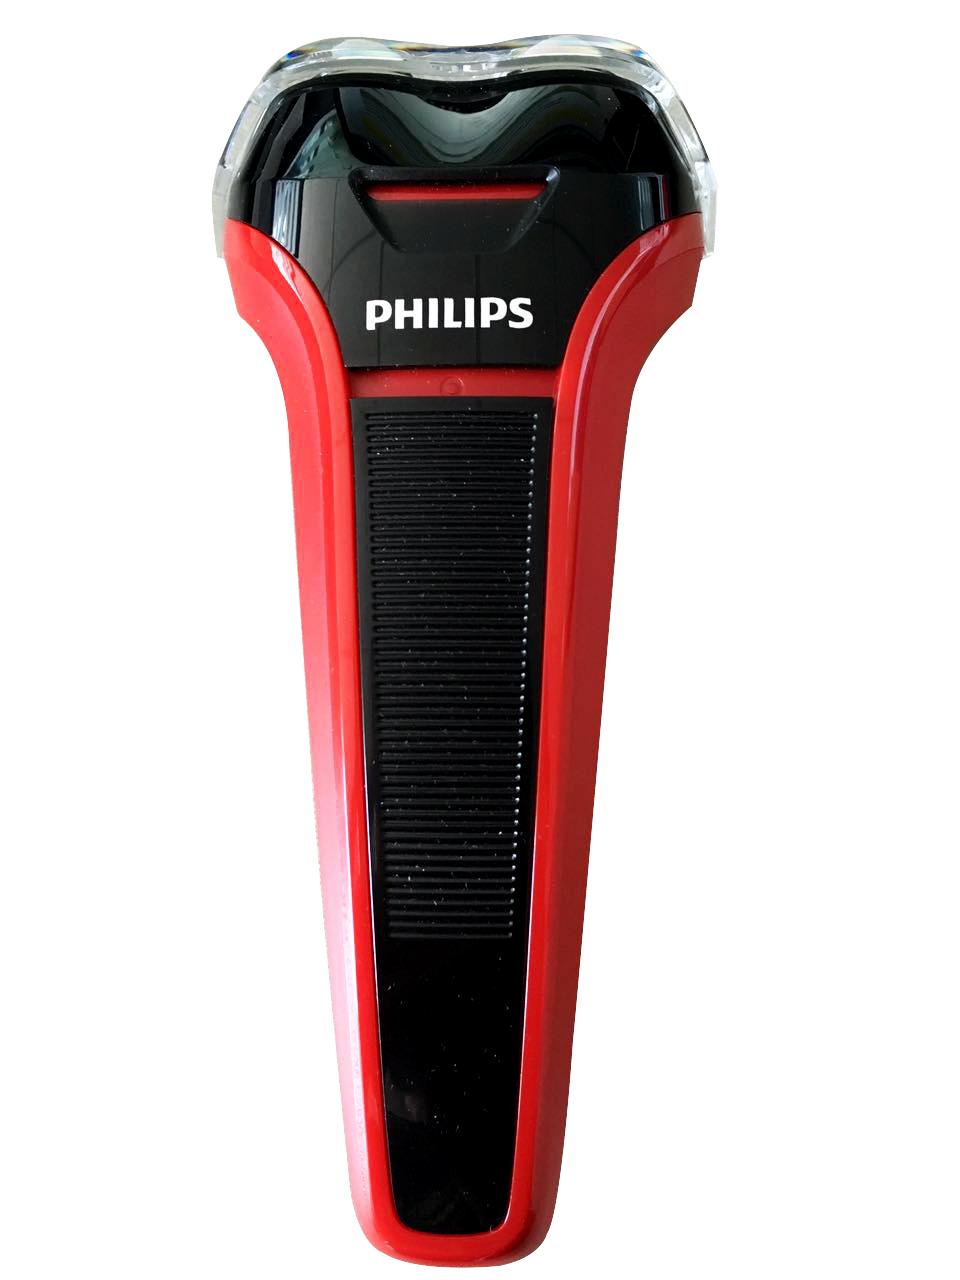 Philips/飞利浦 S108电动剃须刀质量怎么样,一般能用几年?